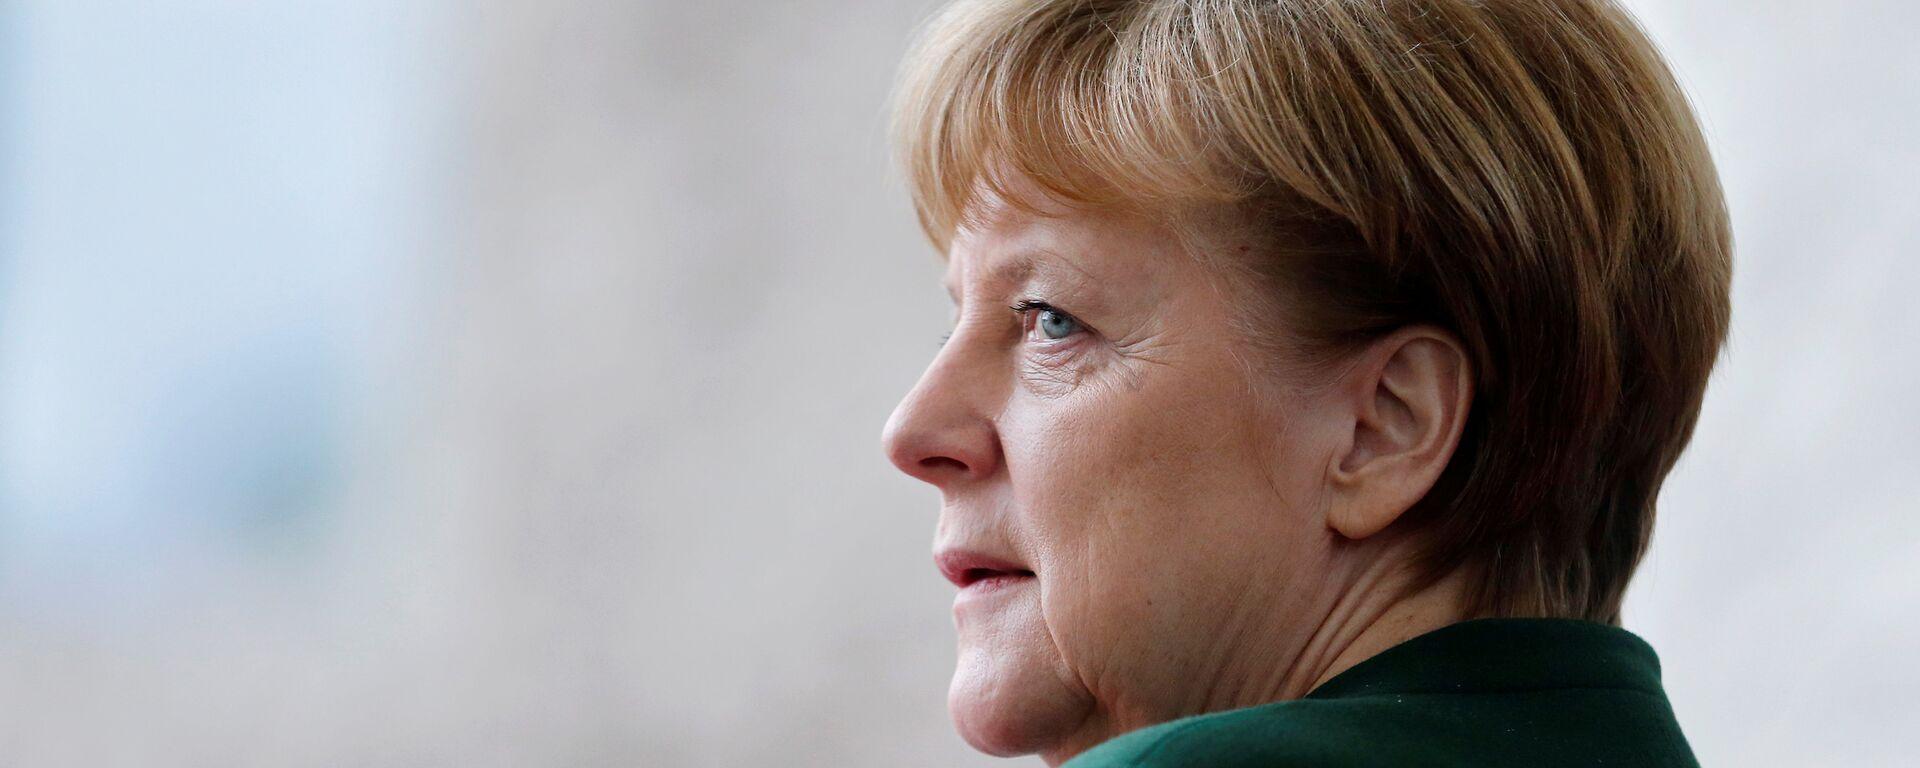 Angela Merkel  - Sputnik Italia, 1920, 13.08.2019